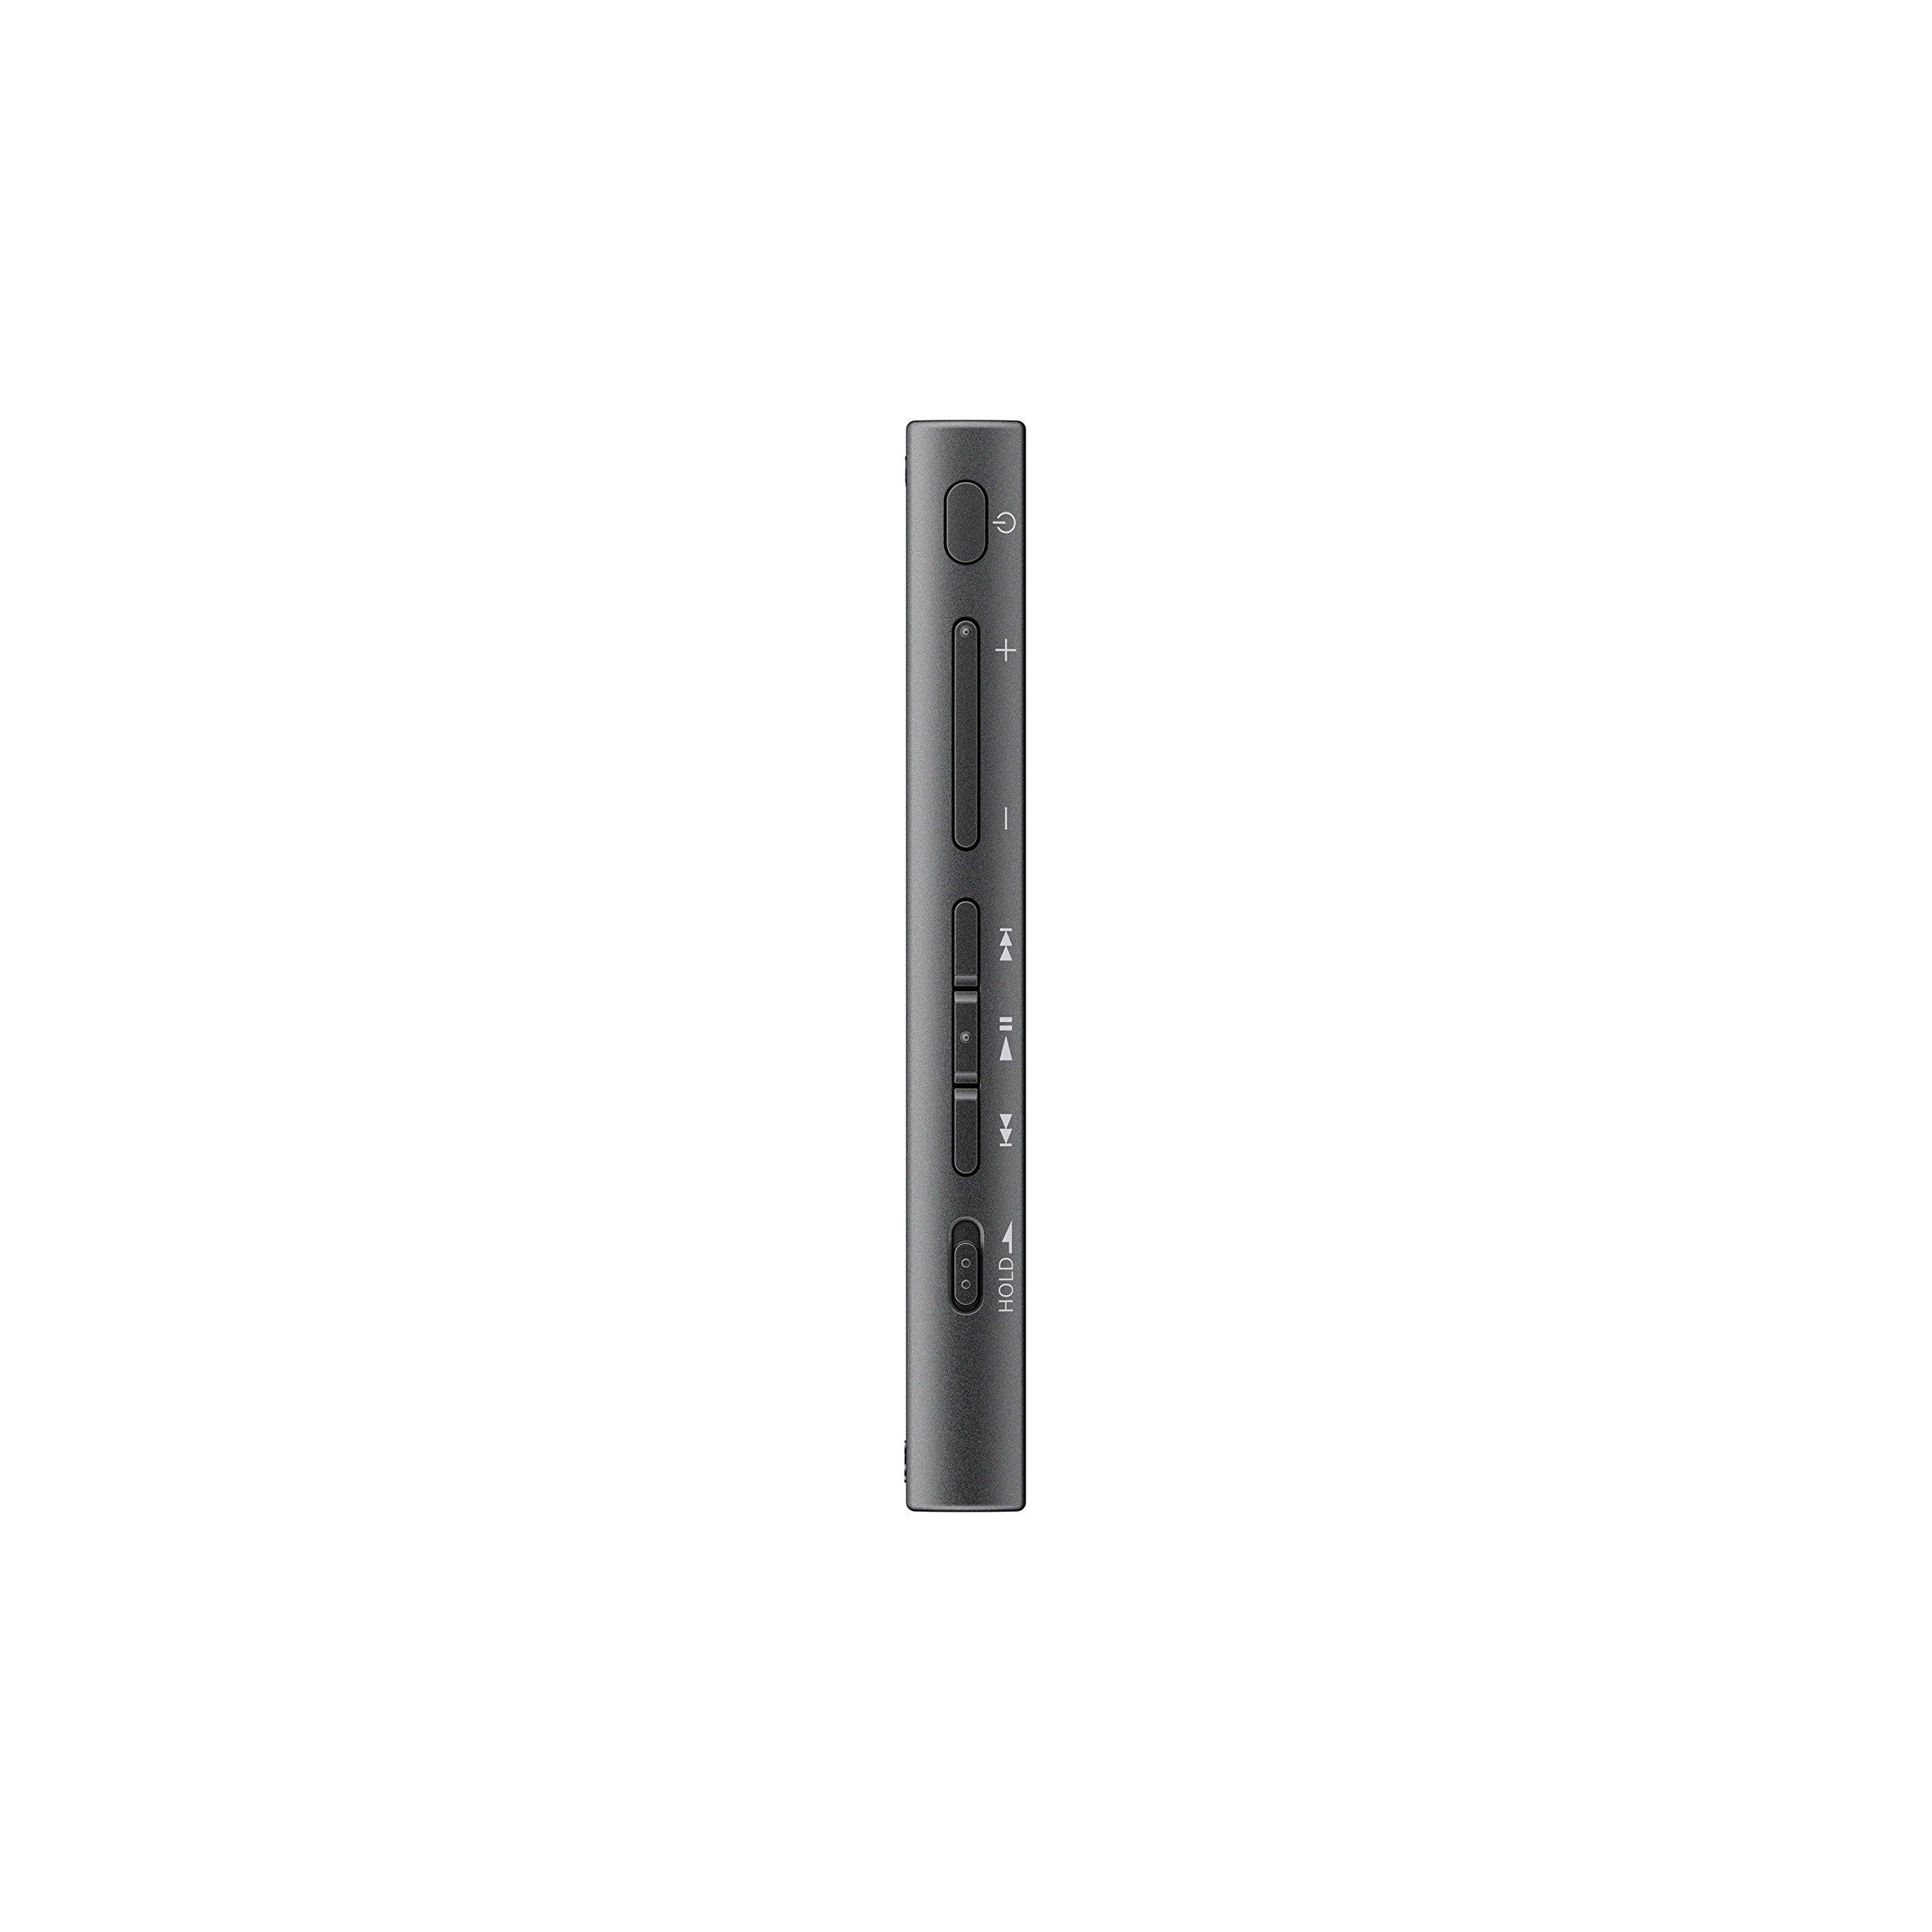 Sony Nw A35 16gb Walkman Digital Music With High Resolution Audio Yellow Pasa El Mouse Para Ver La Imagen Ampliada